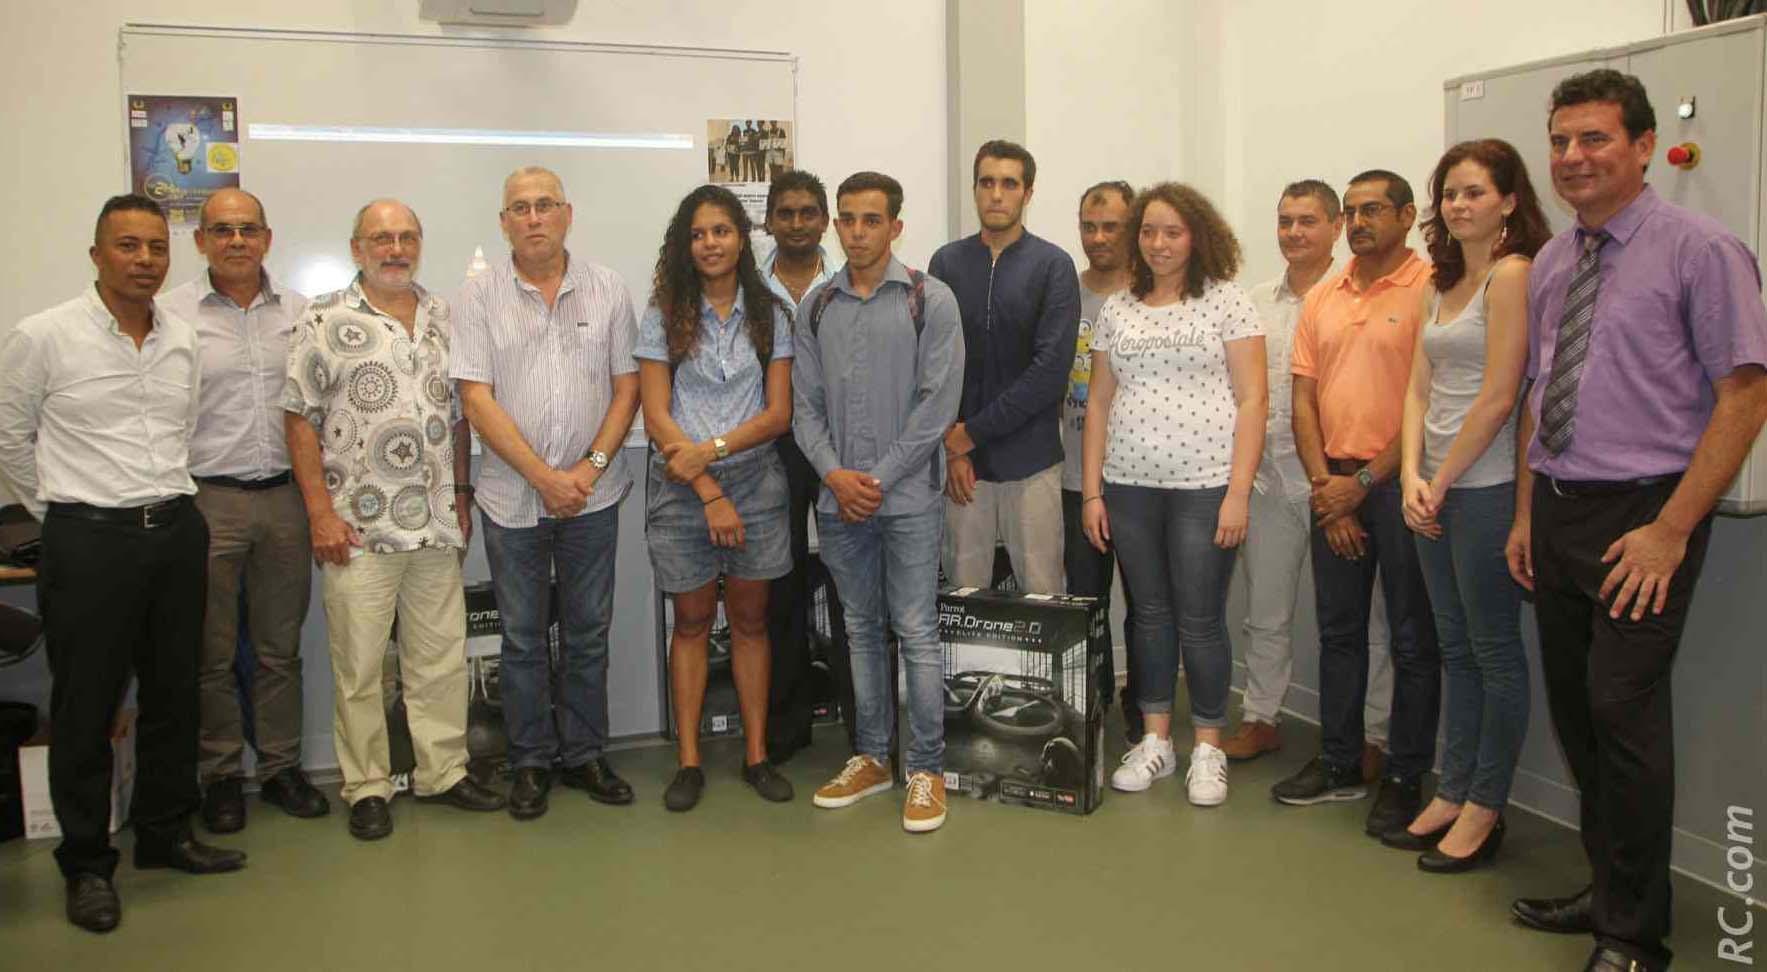 Les lauréats avec les professeurs et les membres du Jury du Prix de l'Innovation qui est un évènement proposé par l'ESTIA de Biarritz depuis 2007